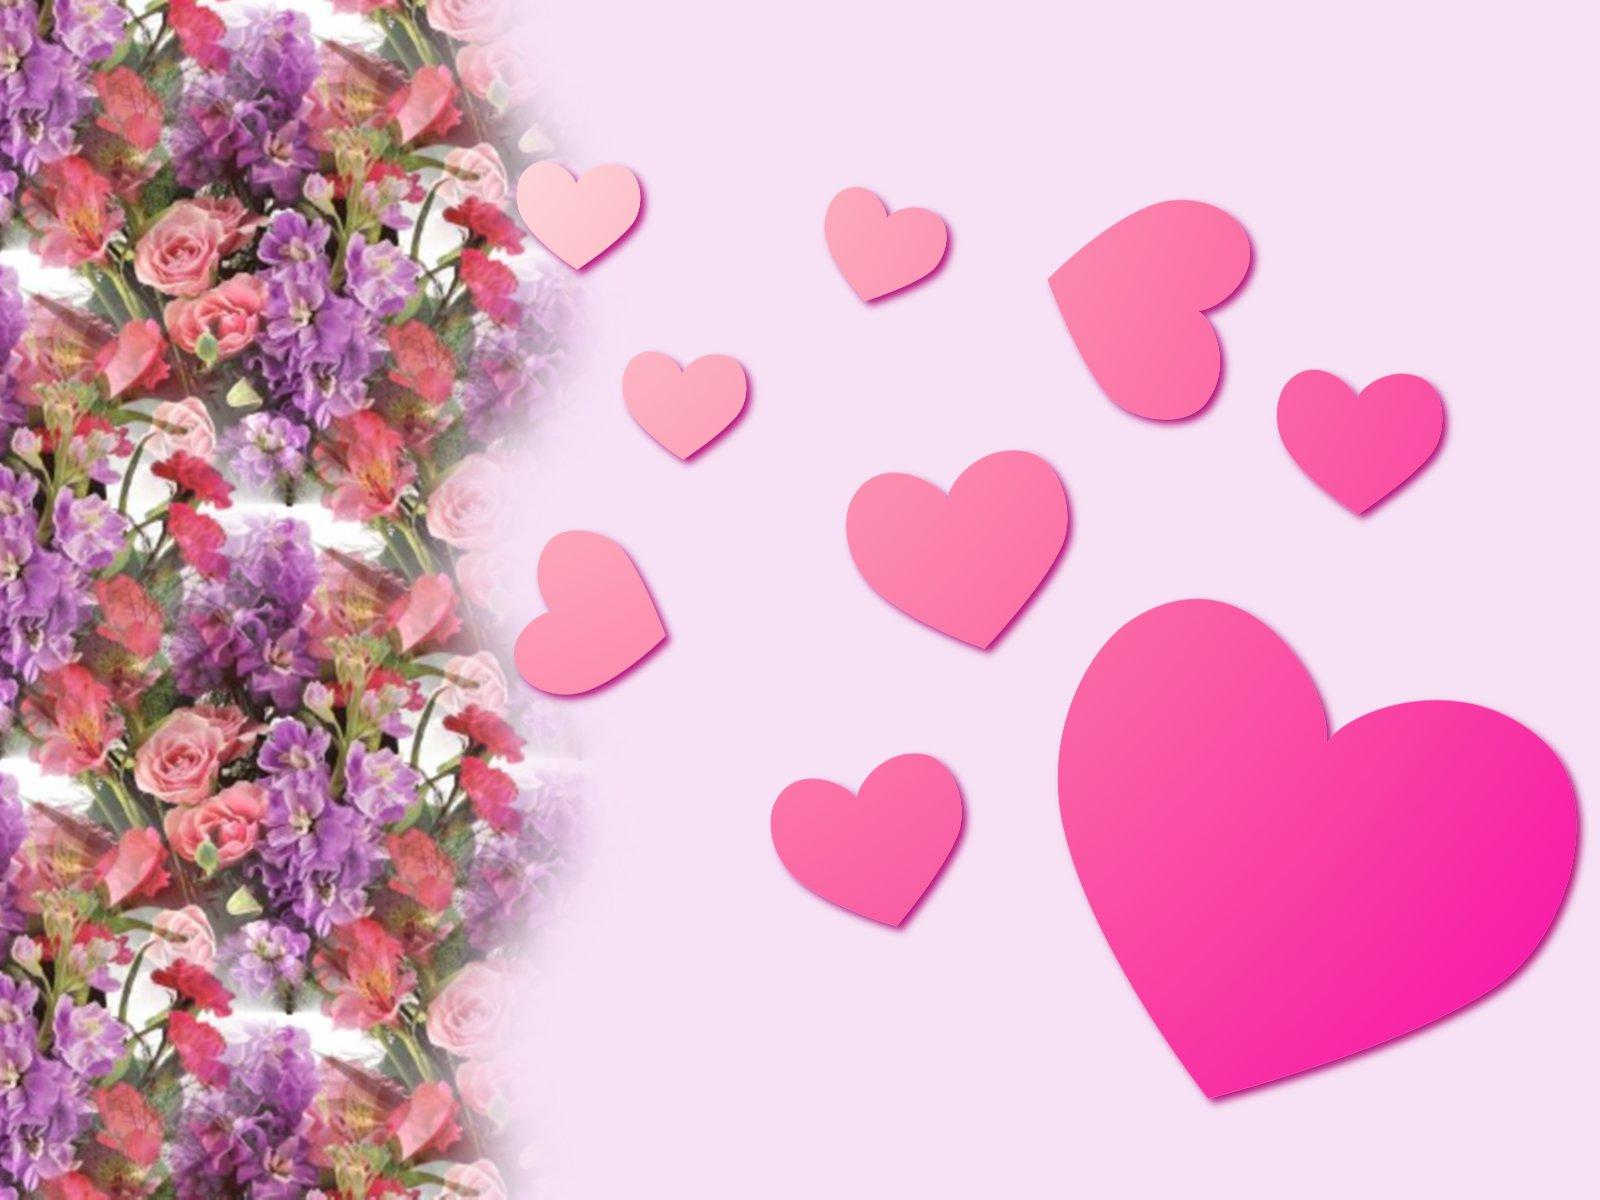 Love Pink Wallpaper Desktop : Love Pink Wallpaper Desktop - WallpaperSafari